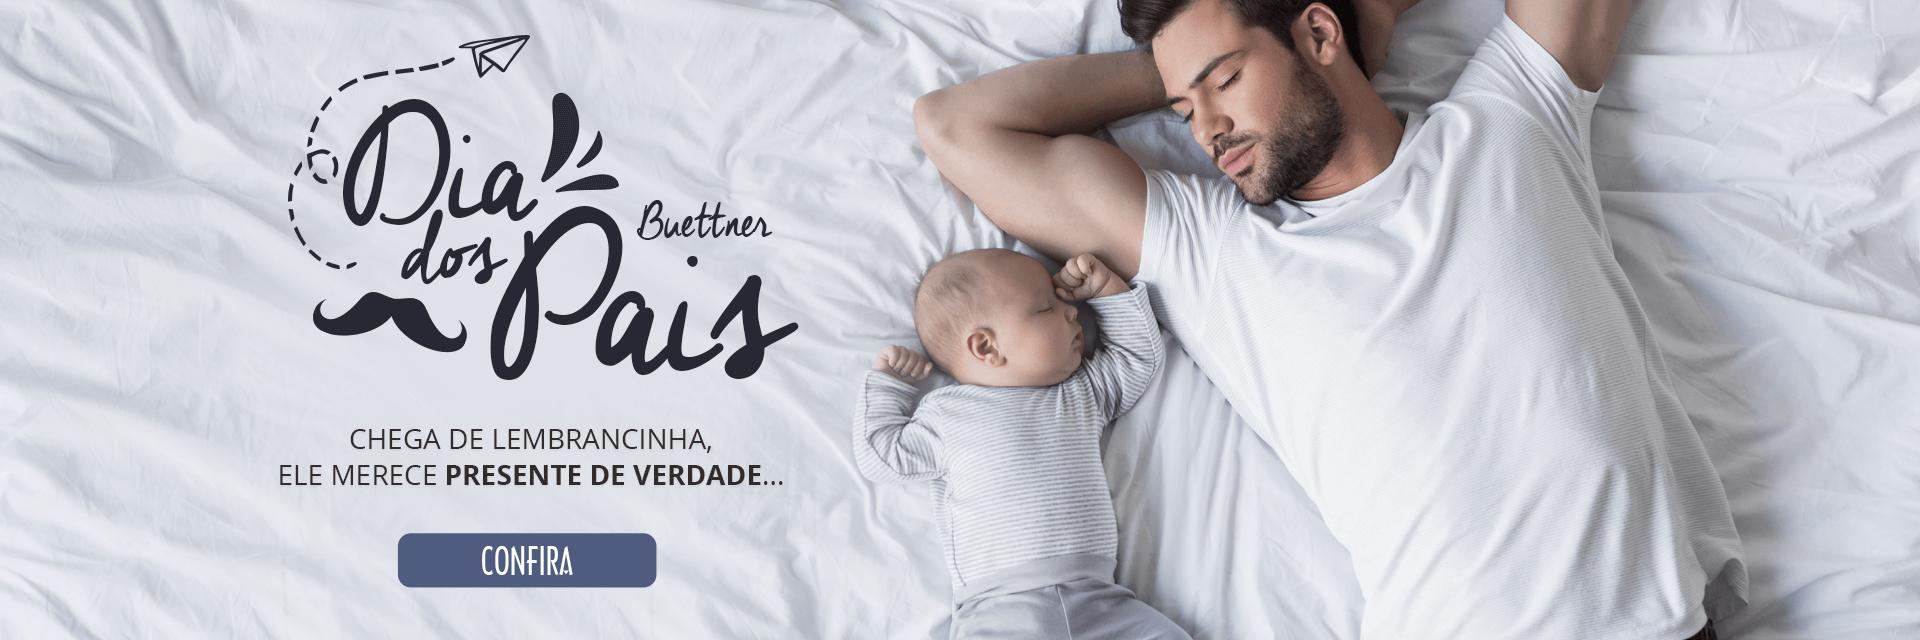 Dia dos Pais Loja Buettner - Ele merece presente de verdade...